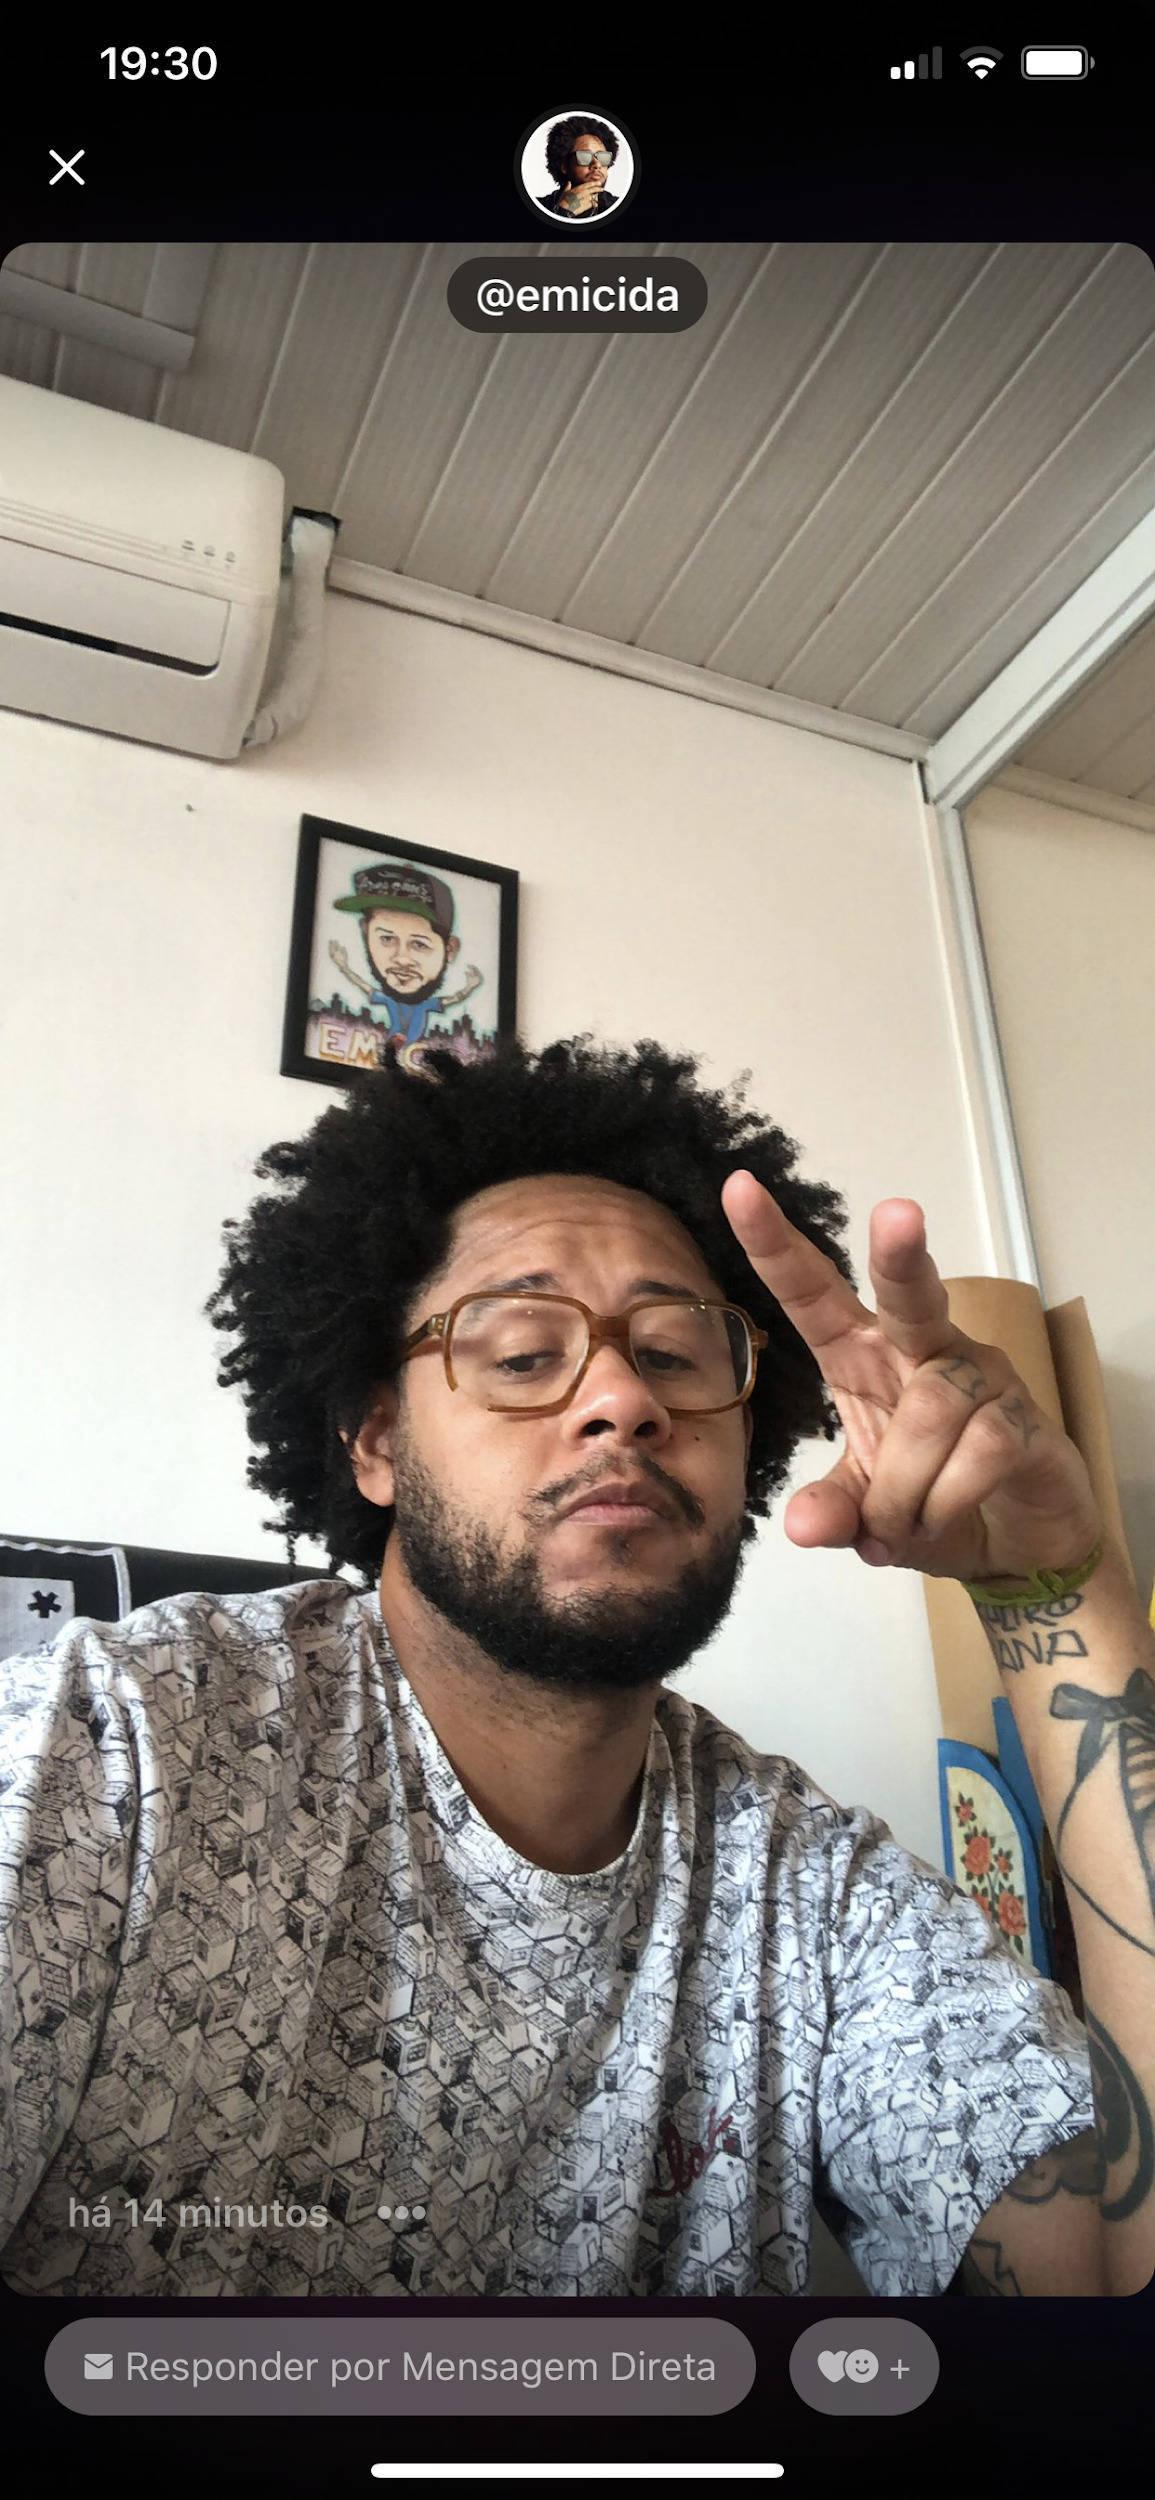 Funcionalidade já foi utilizada pelo rapper brasileiro Emicida